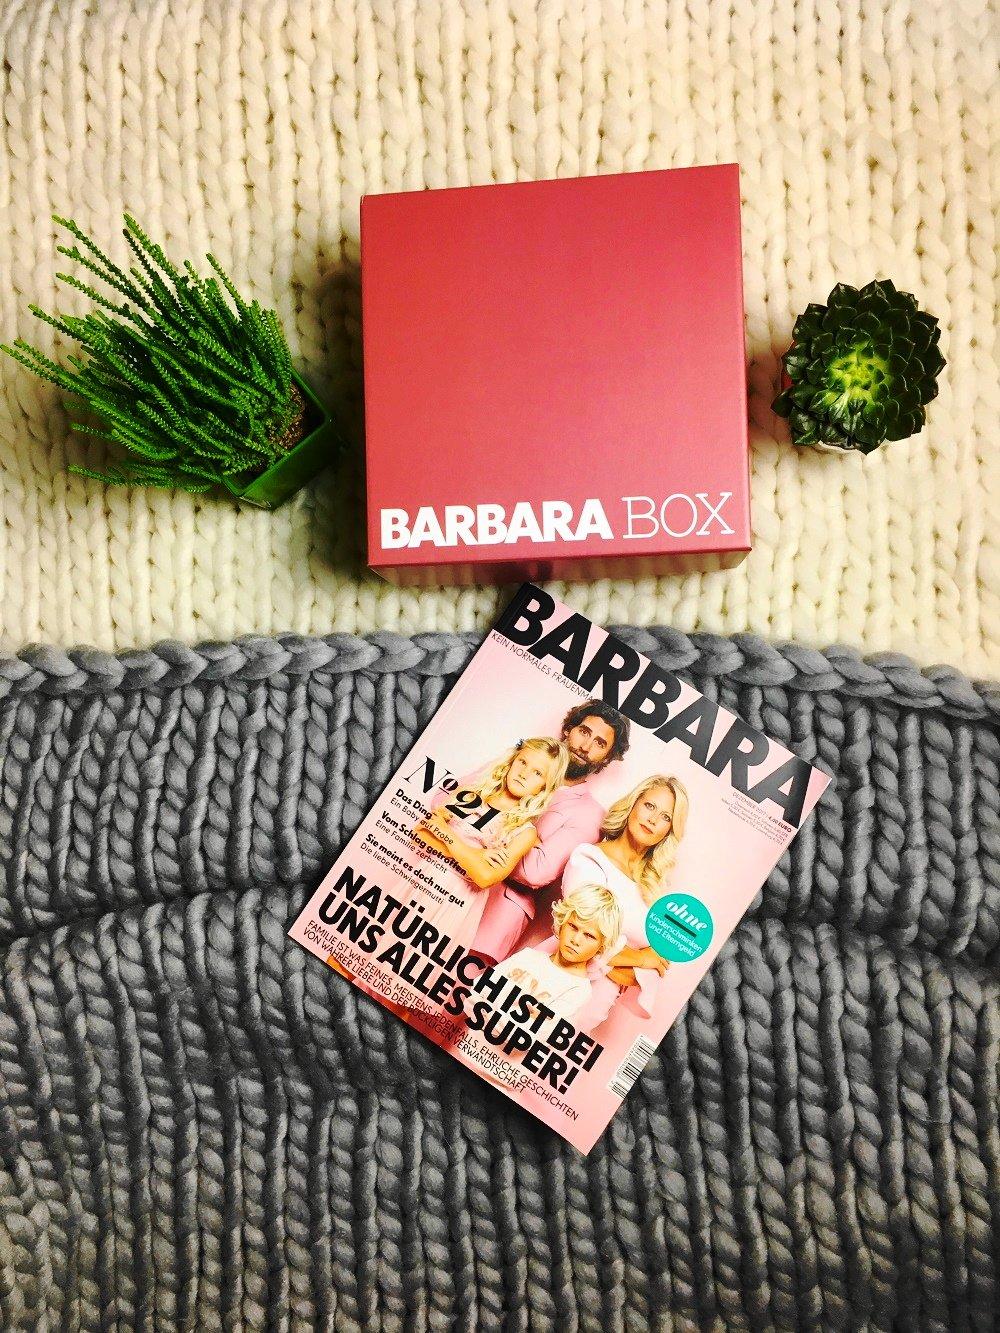 Heute packe ich mit euch gemeinsam die aktuelle Barbara Box Winter Edition mit dem Namen Girls Night Out aus und zeige die tollen Produkte der Box im Detail